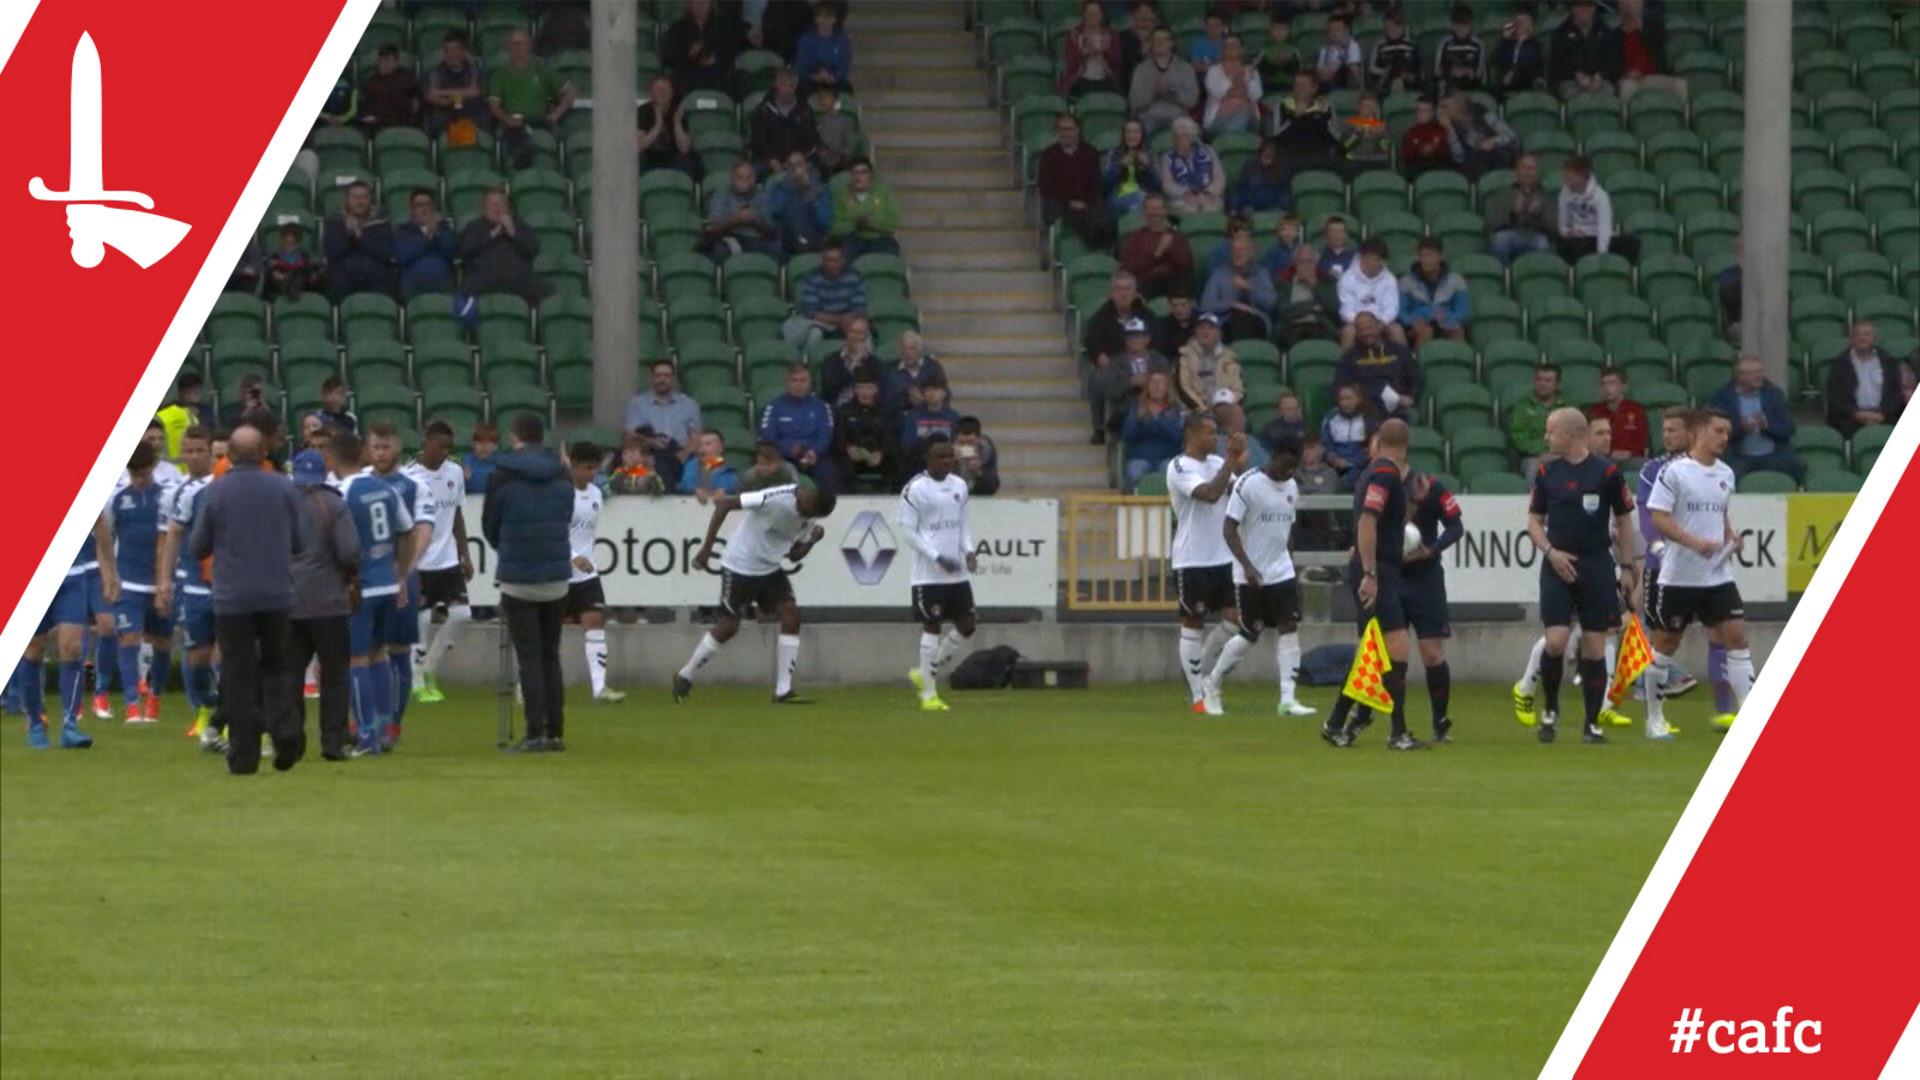 FULL GAME   Limerick 3 Charlton 2